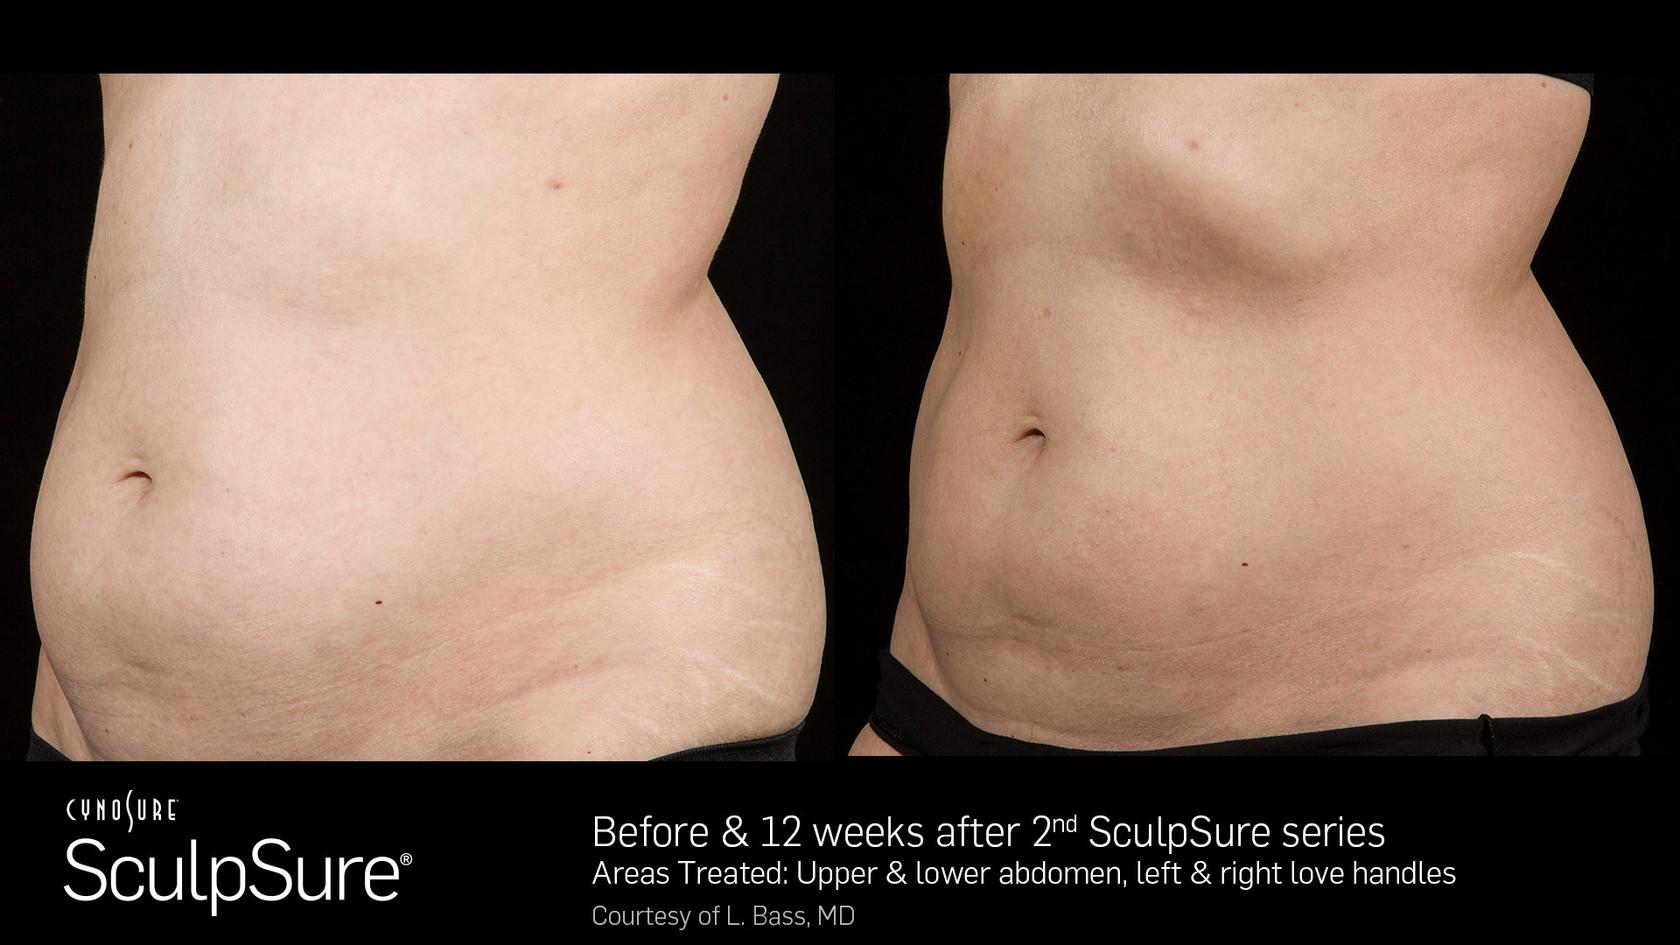 SculpSureBefore&After_SidebySide_Female6